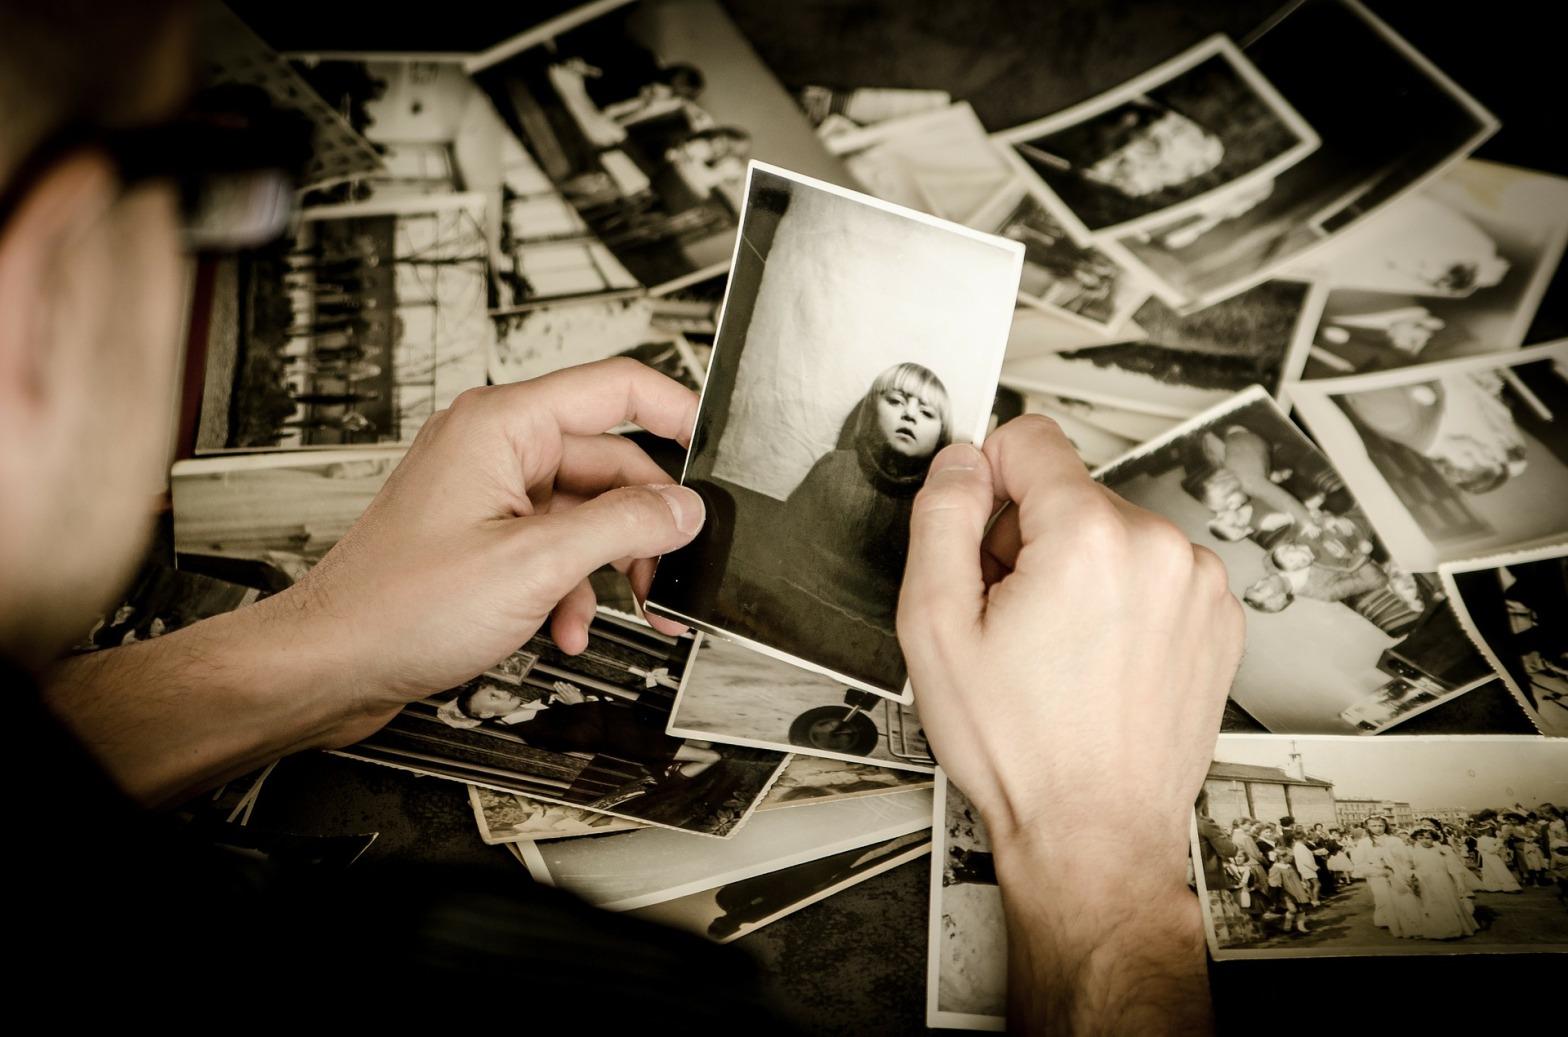 Reeedita las historias de tu vida